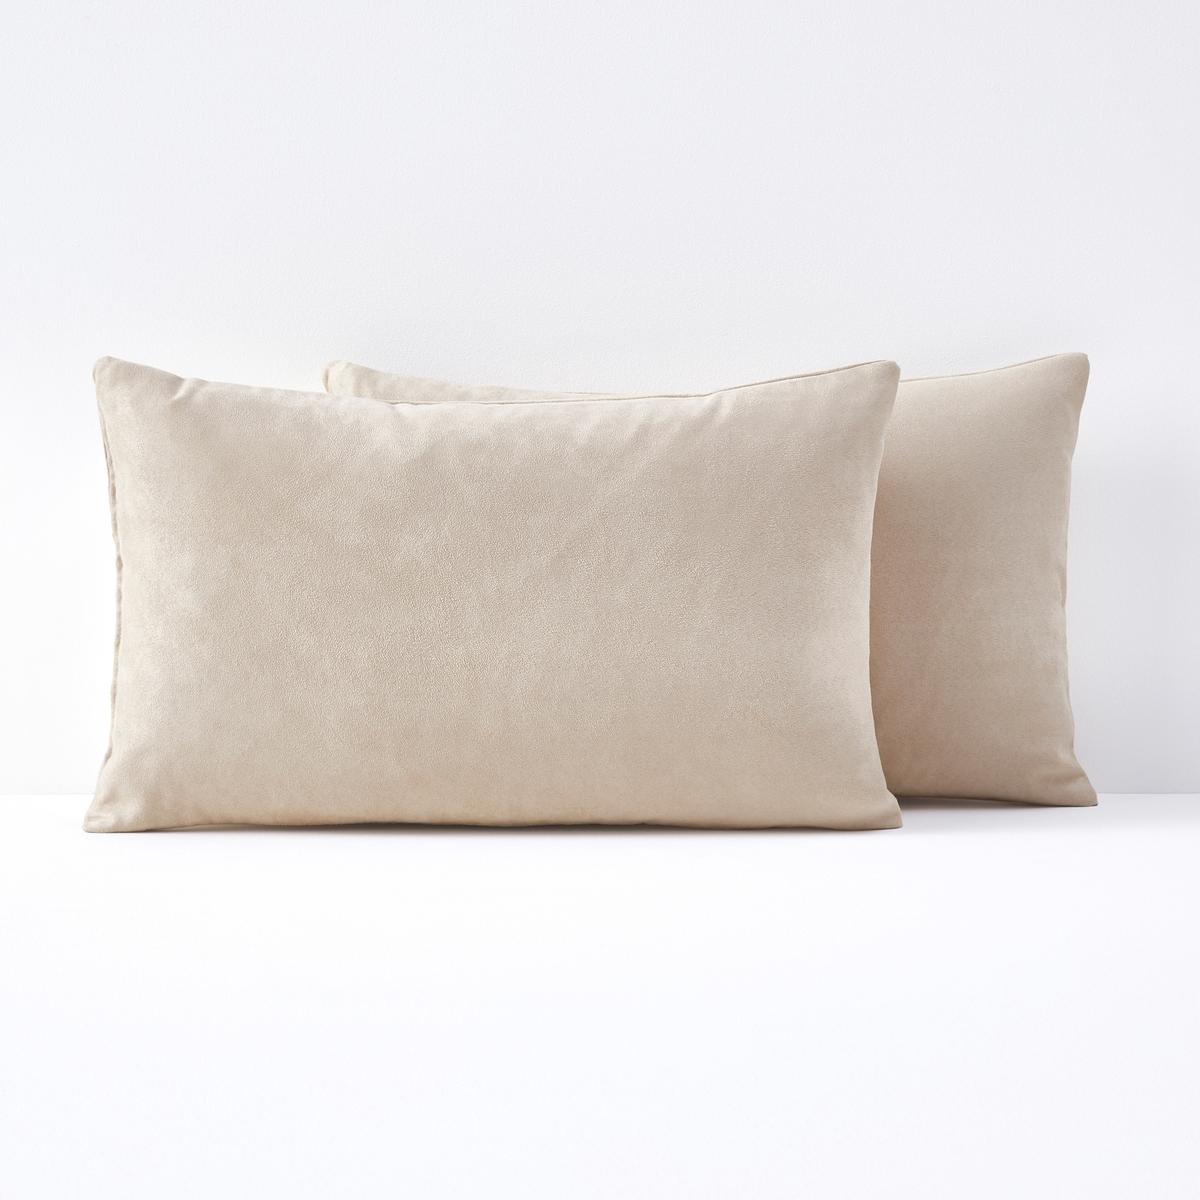 Комплект из 2 чехлов на подушку-валик из искусственной замши, KALAОписание:Комплект из 2 чехлов на подушку-валик из искусственной замши KALA. Добавьте стиля вашему интерьеру благодаря этим чехлам на подушку-валик из искусственной замши, ультра мягкой и бархатистой на ощупь !Характеристики 2 чехлов на подушку-валик из искусственной замши :-микрофибра из искусственной замши 100% полиэстер-Застежка на молнию в тон-Продается в комплекте из 2 чехлов одного цвета.Размеры 2 чехлов на подушку-валик из искусственной замши :  -50 x 30 смРекомендации по уходу :-Машинная стирка при 30°C Откройте для себя на сайте redoute.fr подушку-валик TERRA<br><br>Цвет: бежевый